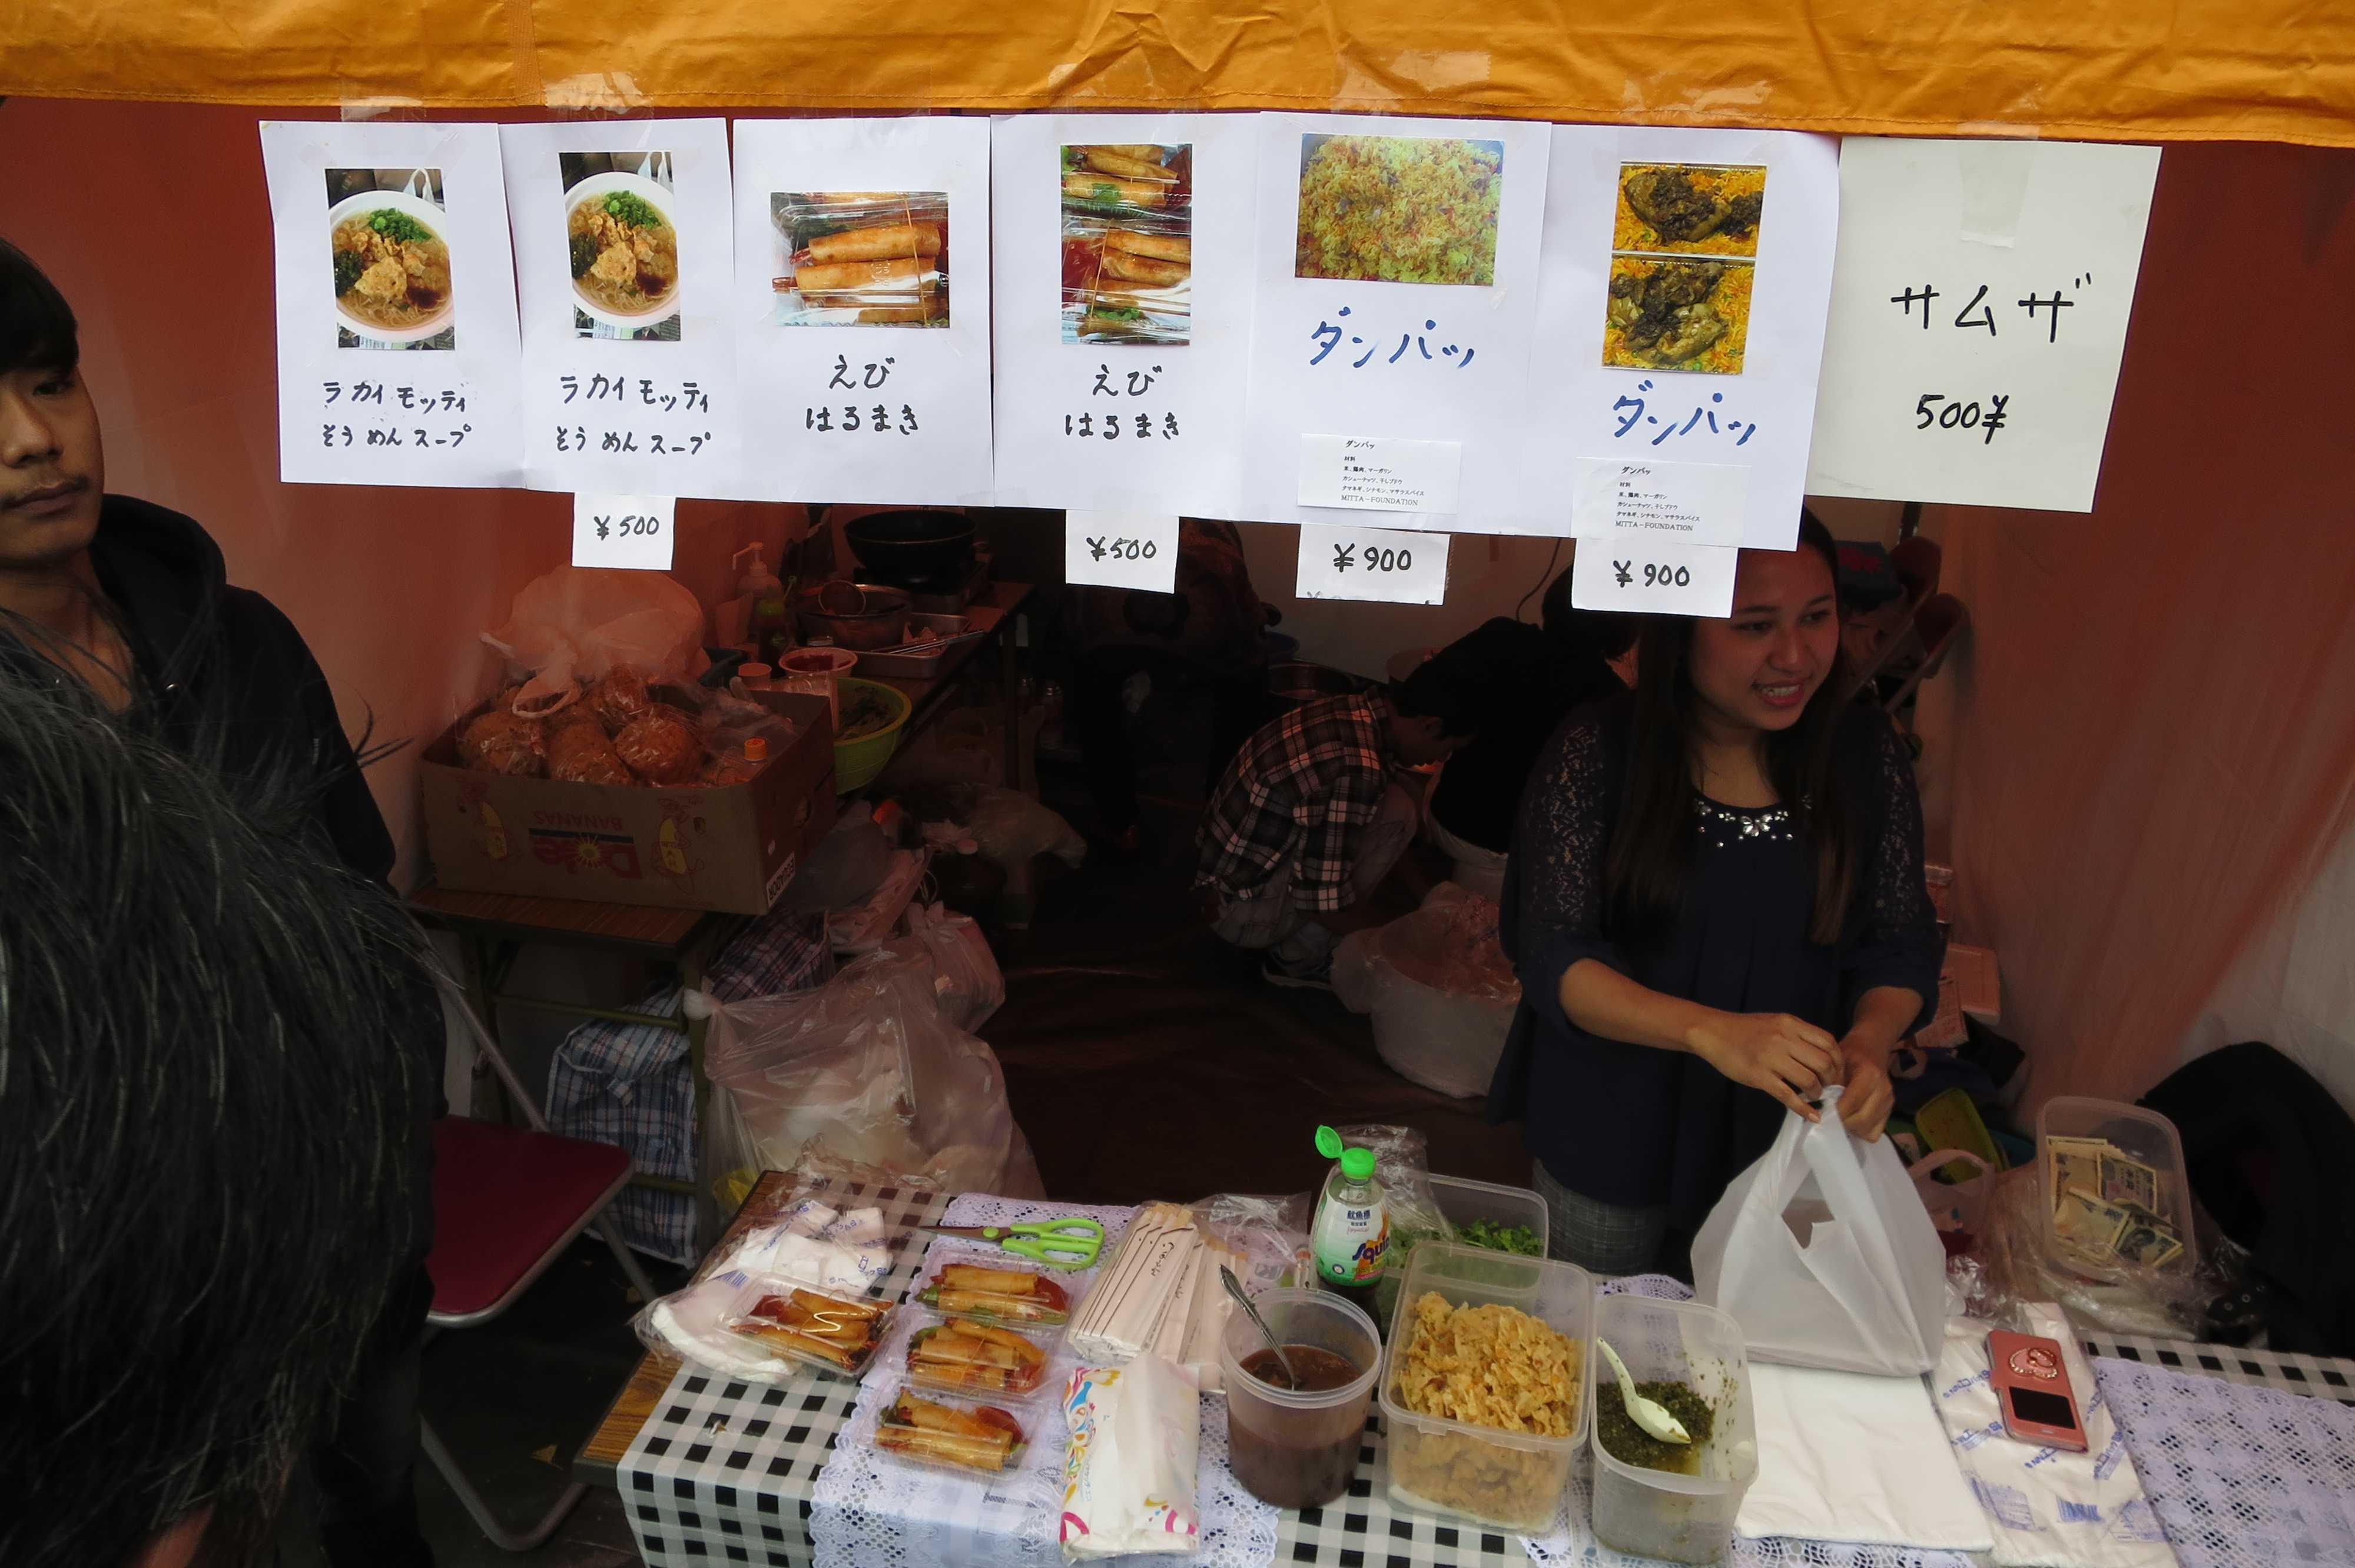 ミャンマー料理 - ミャンマー祭り2016